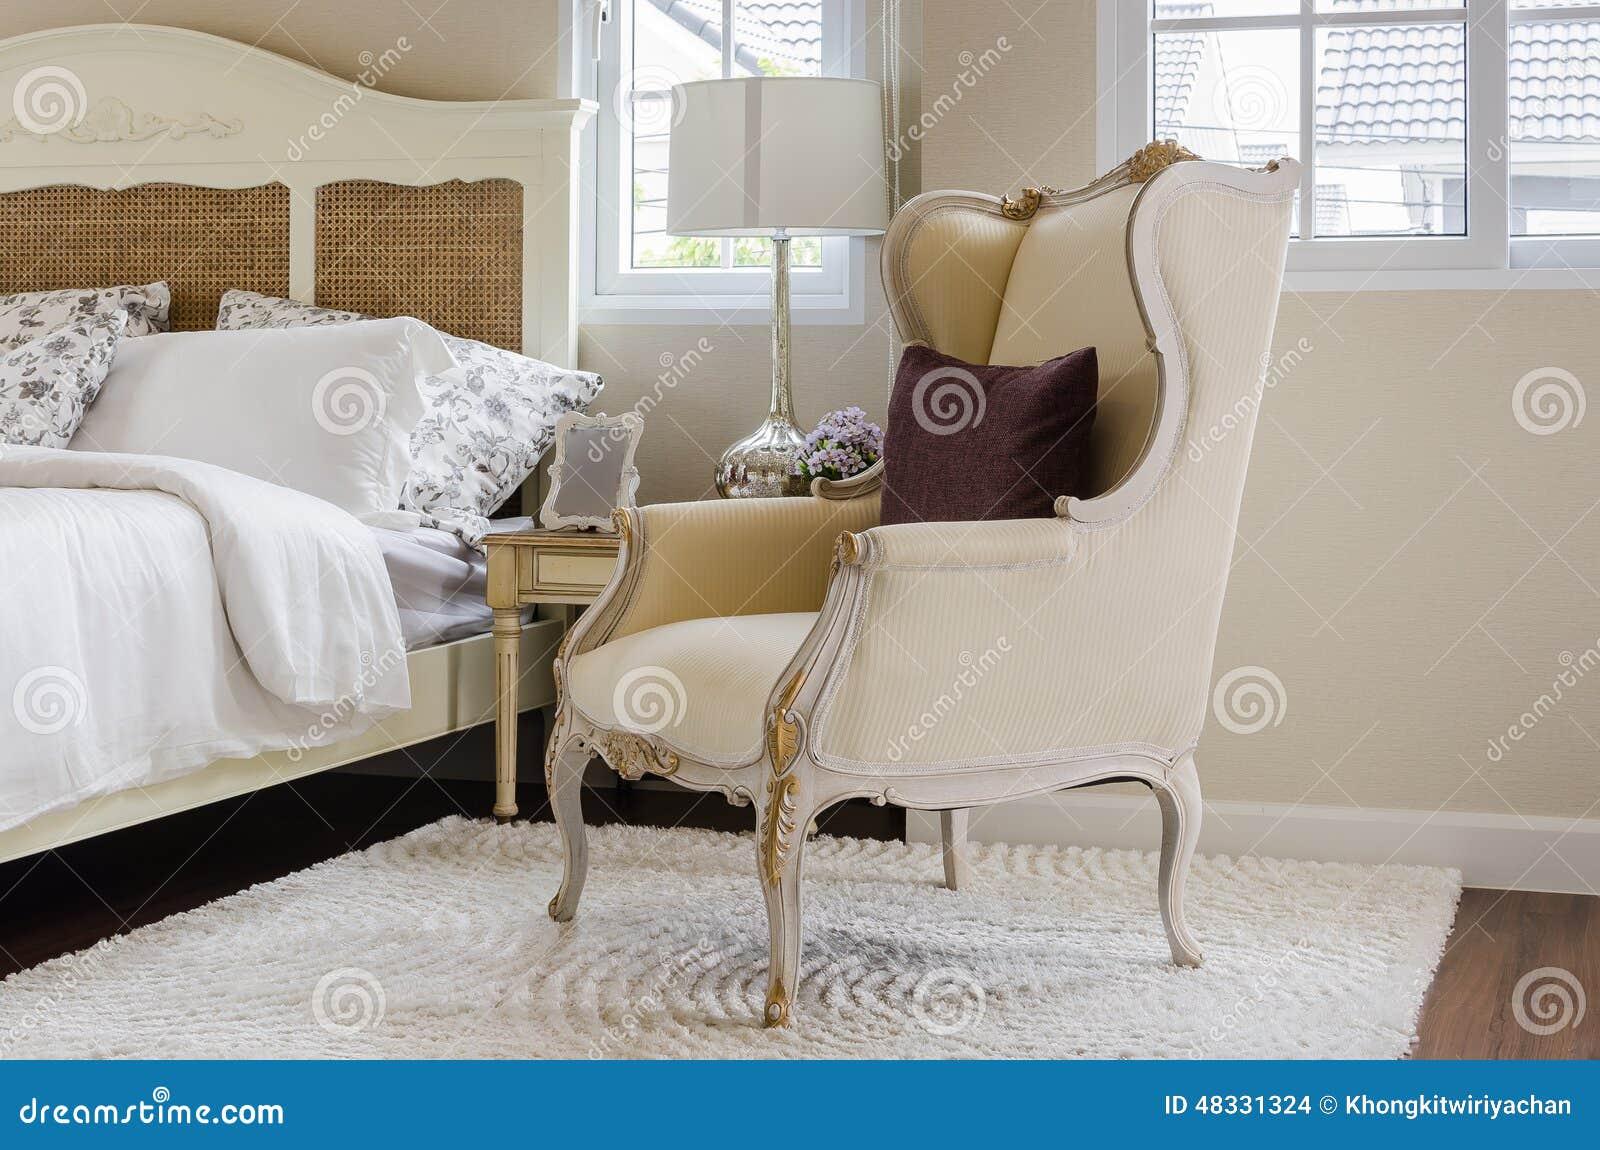 Sedia classica su tappeto con il cuscino in camera da letto di lusso